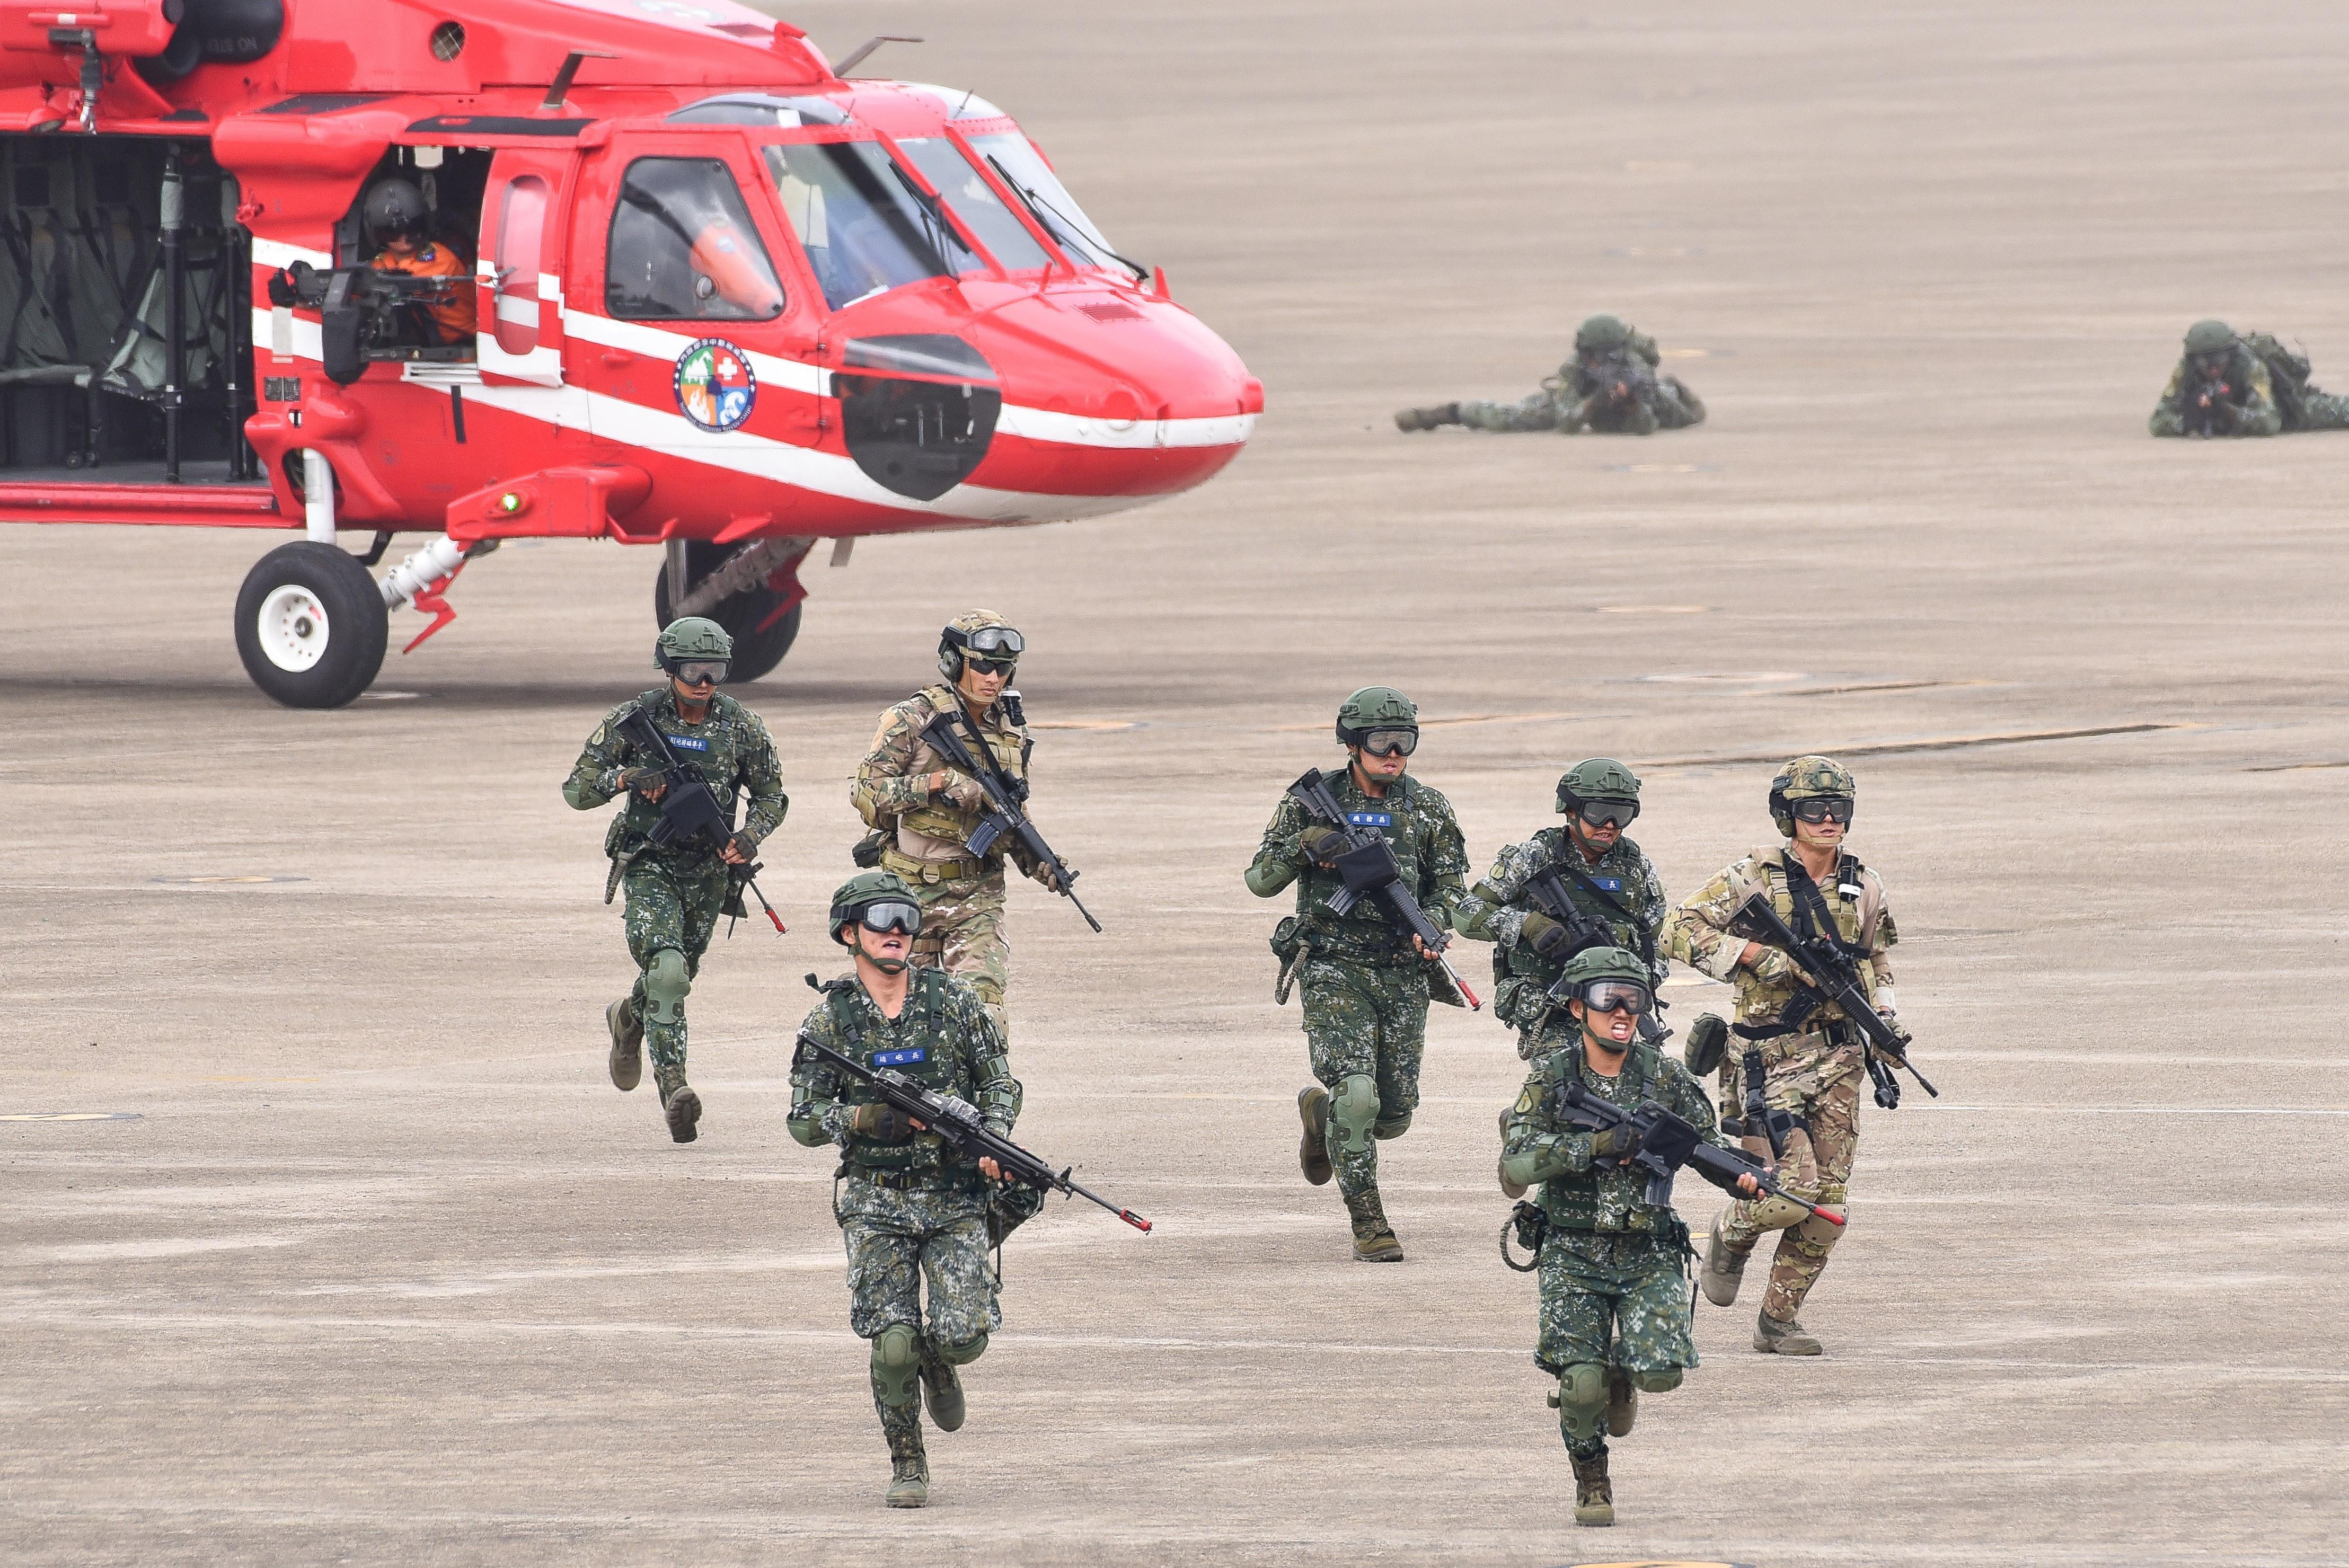 解放軍,登陸,兩岸關係,台灣,軍事,反介入,歷史,世界大戰